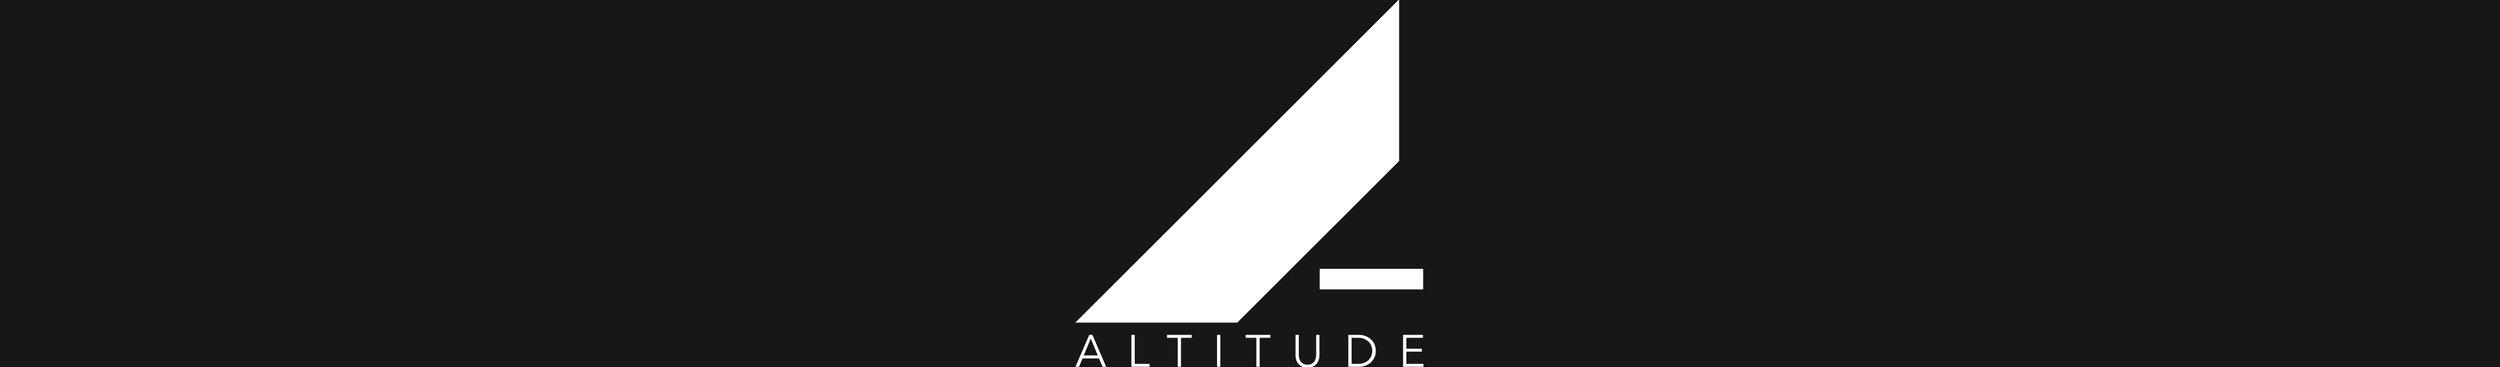 IntWebsite_Clients_White_Altitude.jpg